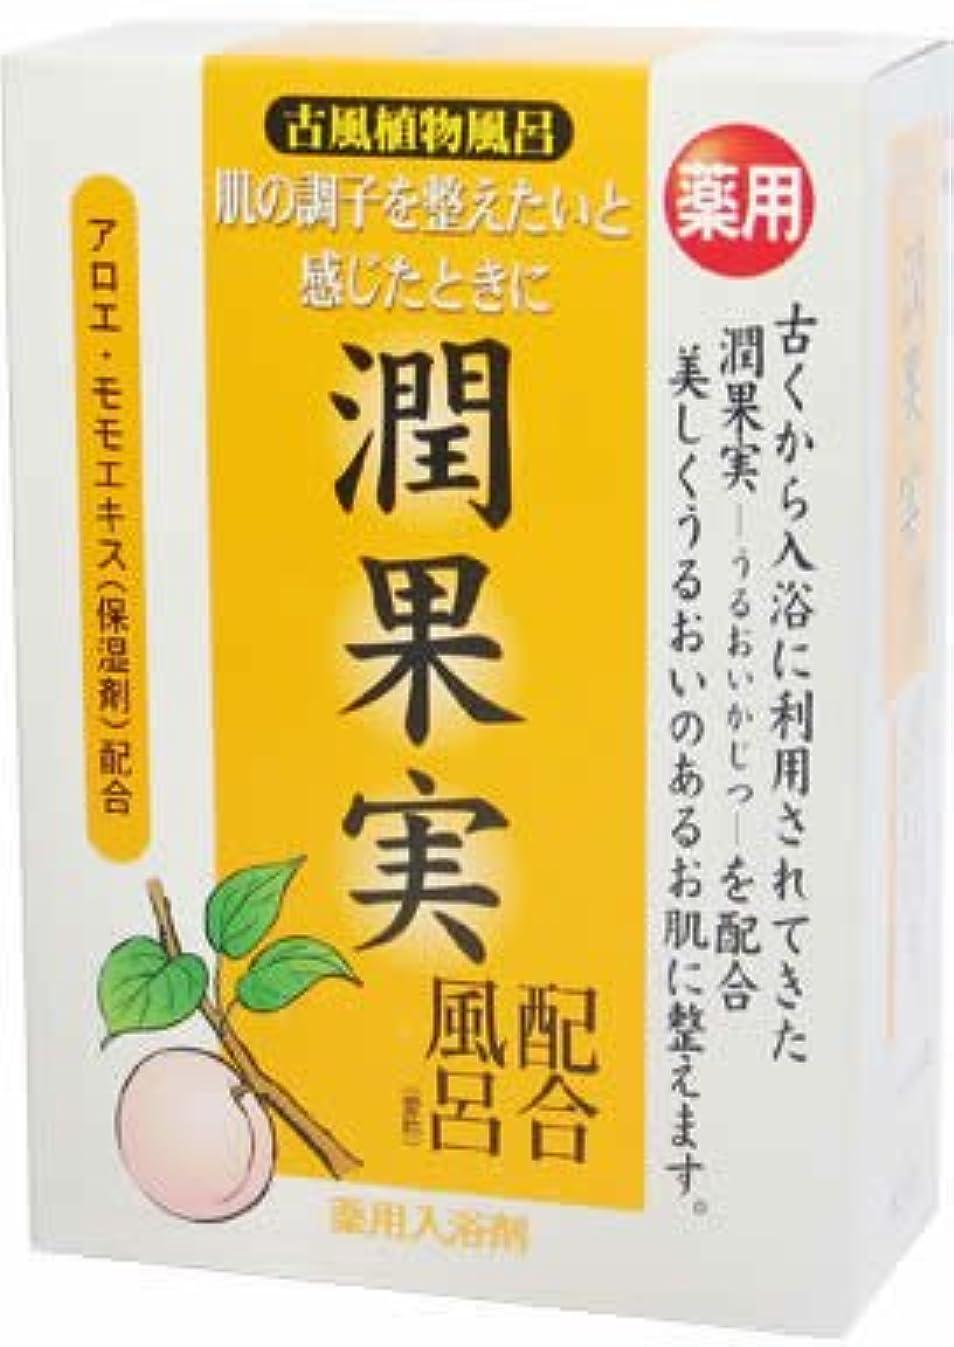 オーブンアクロバット気絶させる古風植物風呂潤果実配合 25gX5包 [医薬部外品]